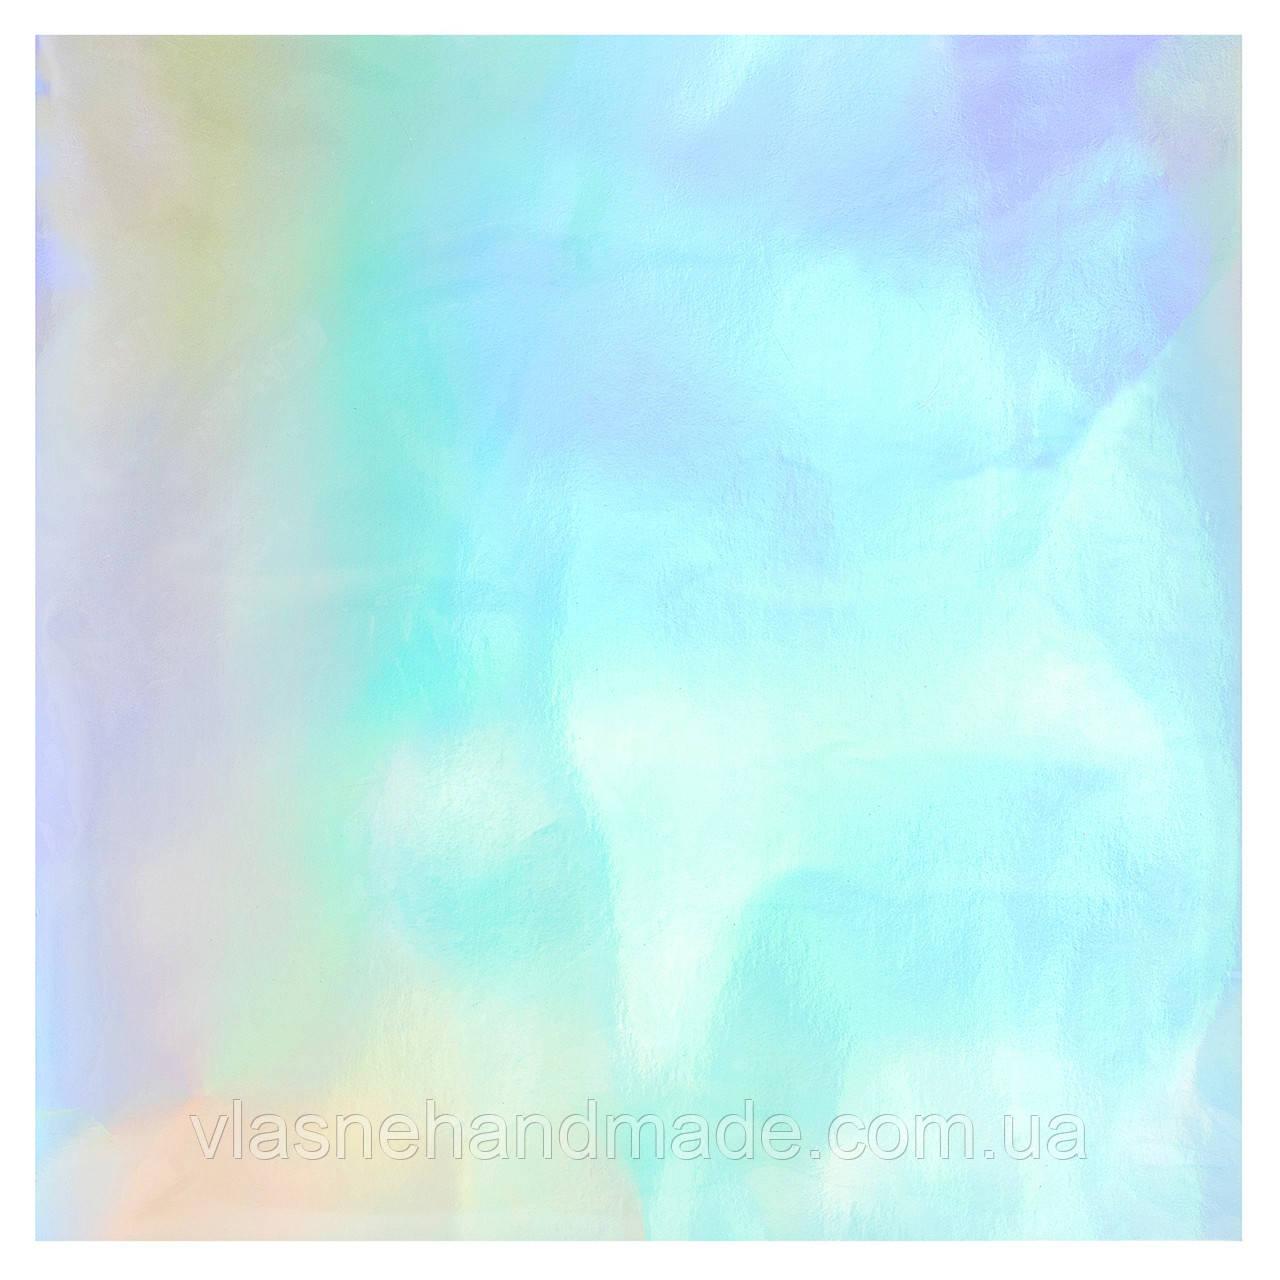 Кардсток голграфічний - Rainbow - Bazzill - 30x30